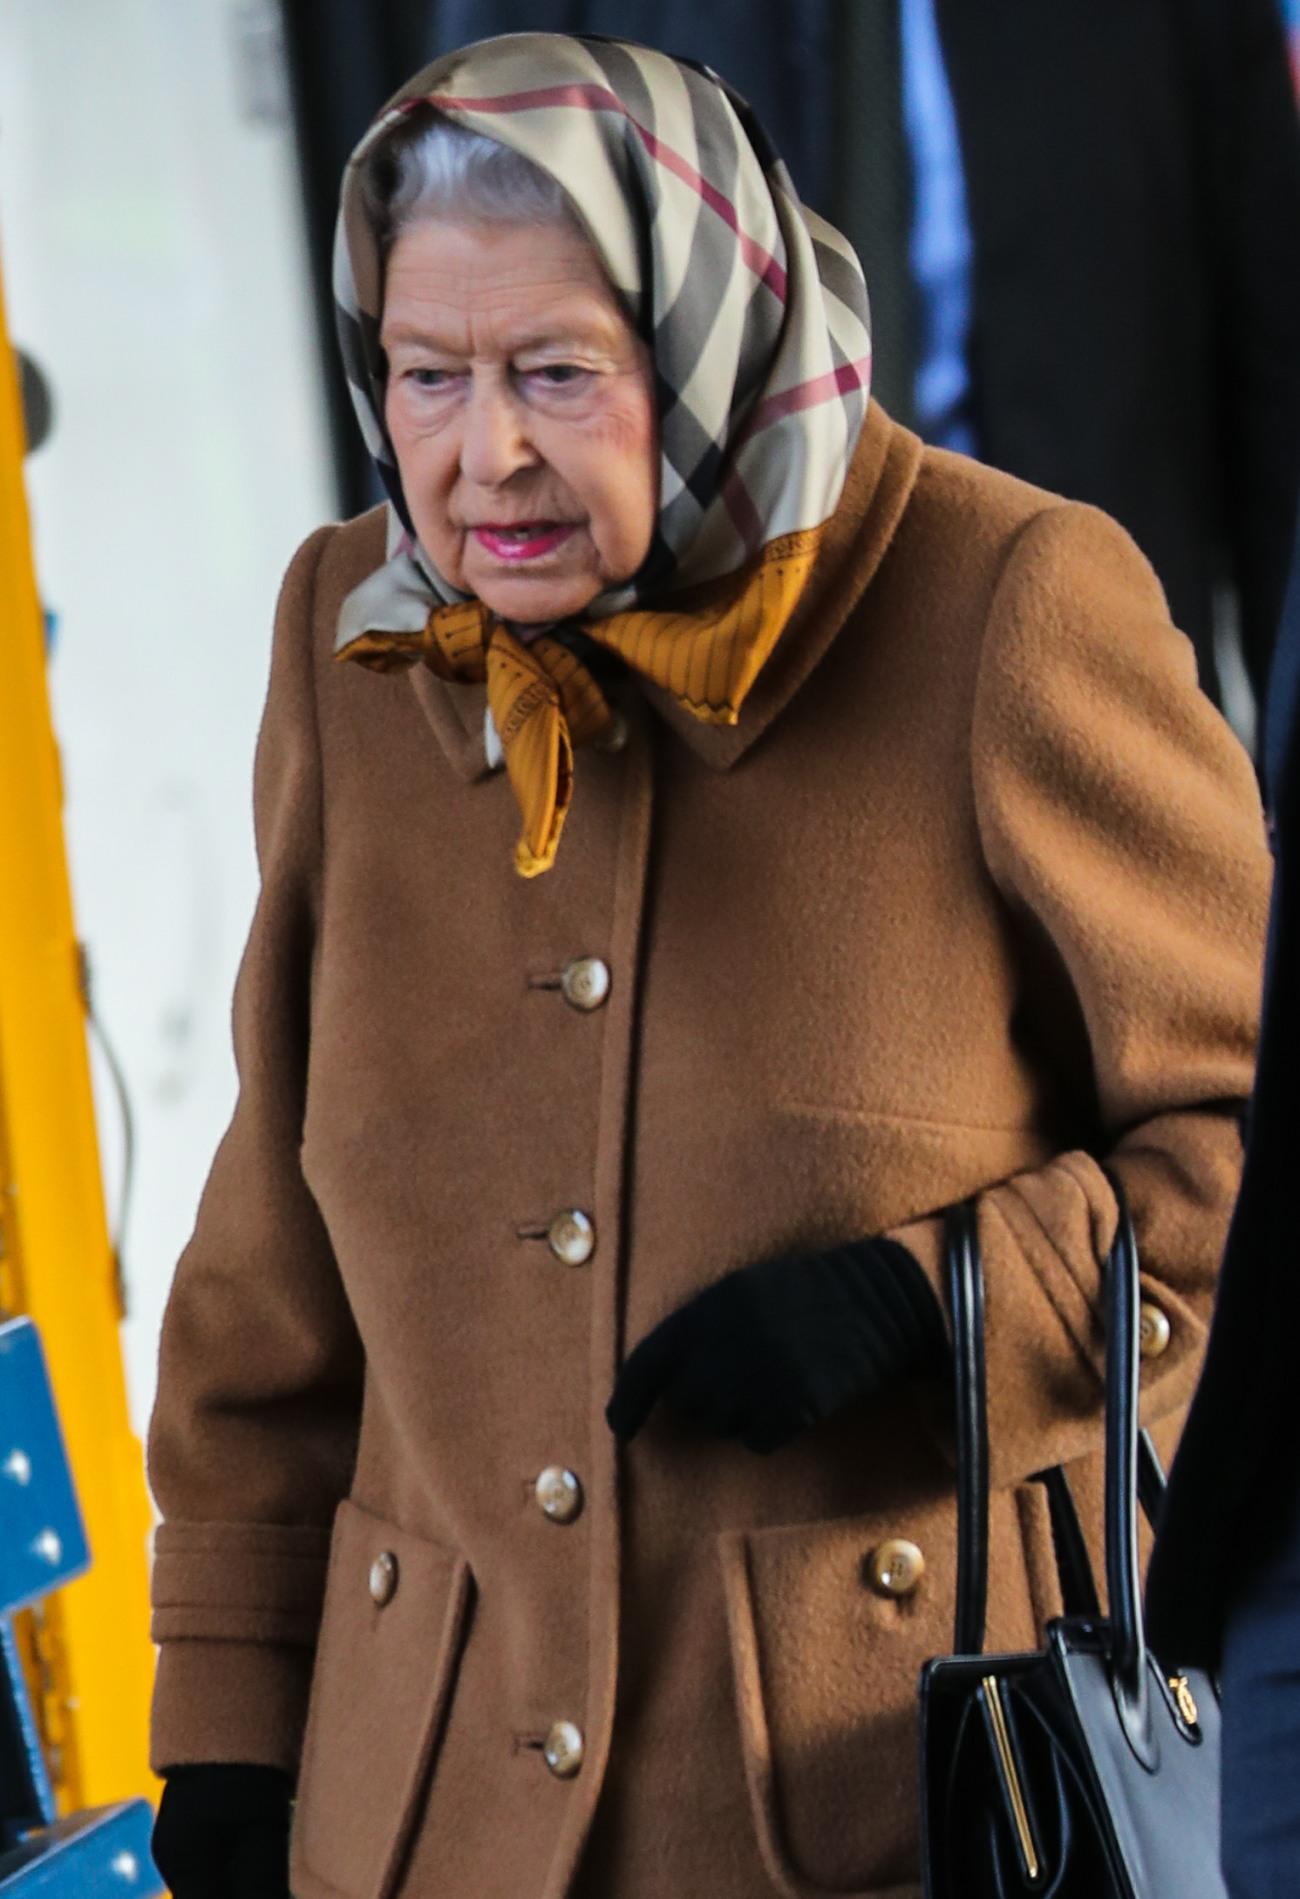 Queen arrival KL